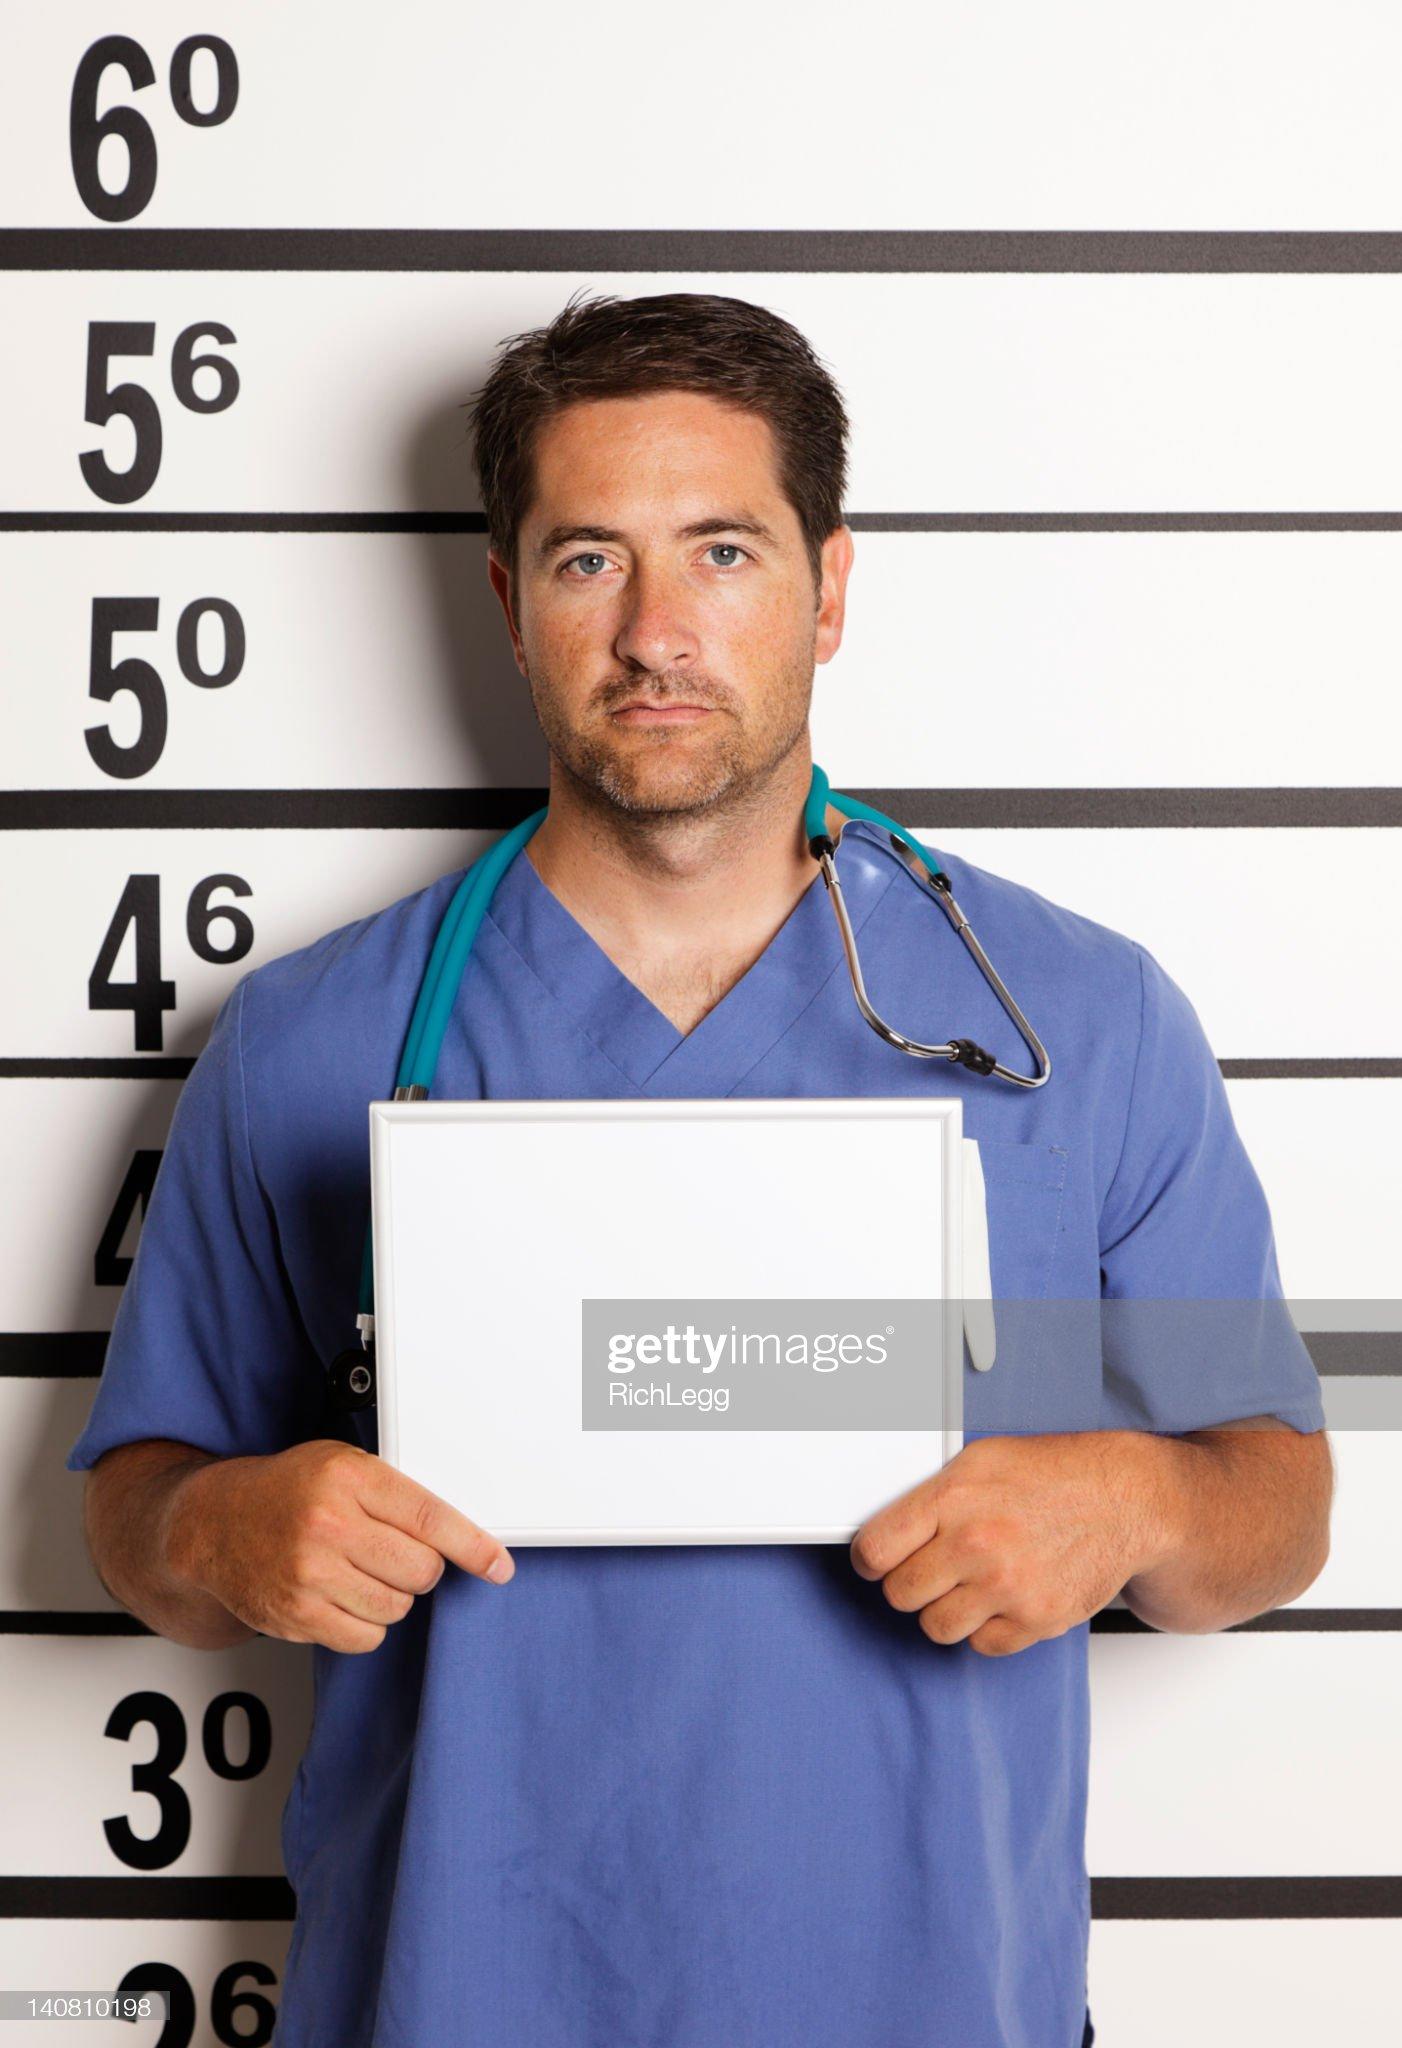 Gente midiéndose en vídeo y foto - Página 2 Mugshot-of-a-healthcare-worker-picture-id140810198?s=2048x2048